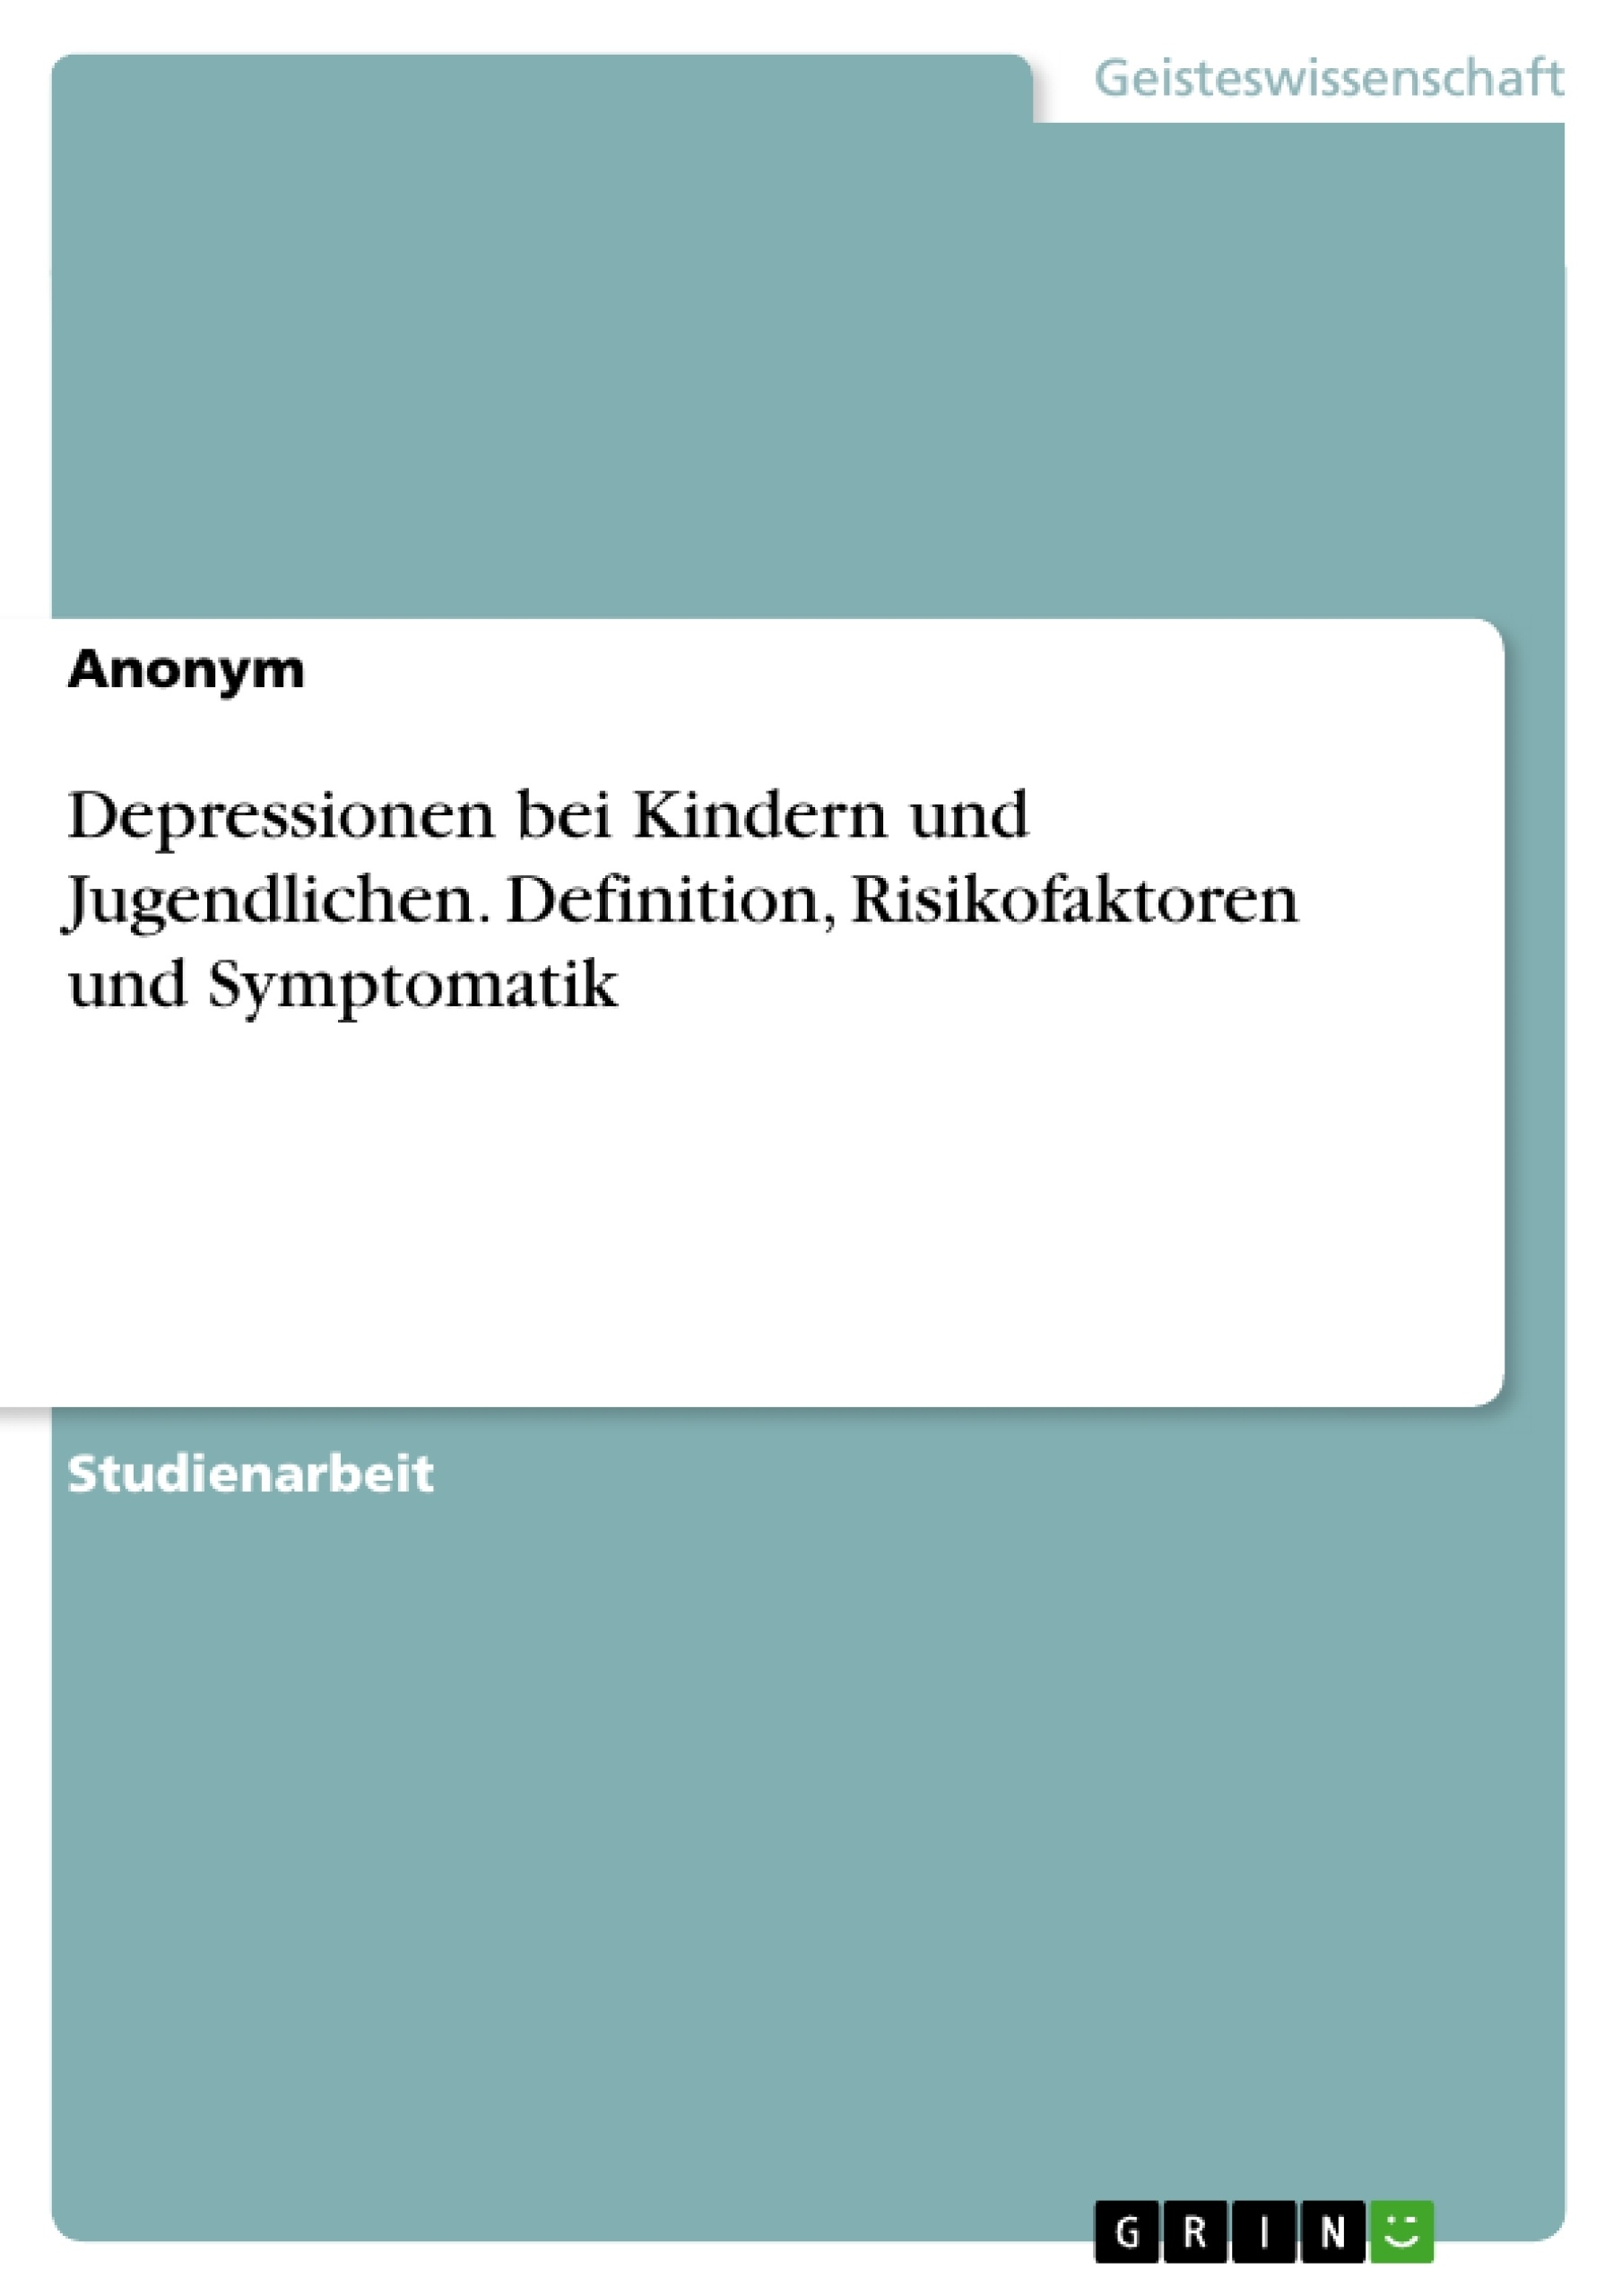 Titel: Depressionen bei Kindern und Jugendlichen. Definition, Risikofaktoren und Symptomatik